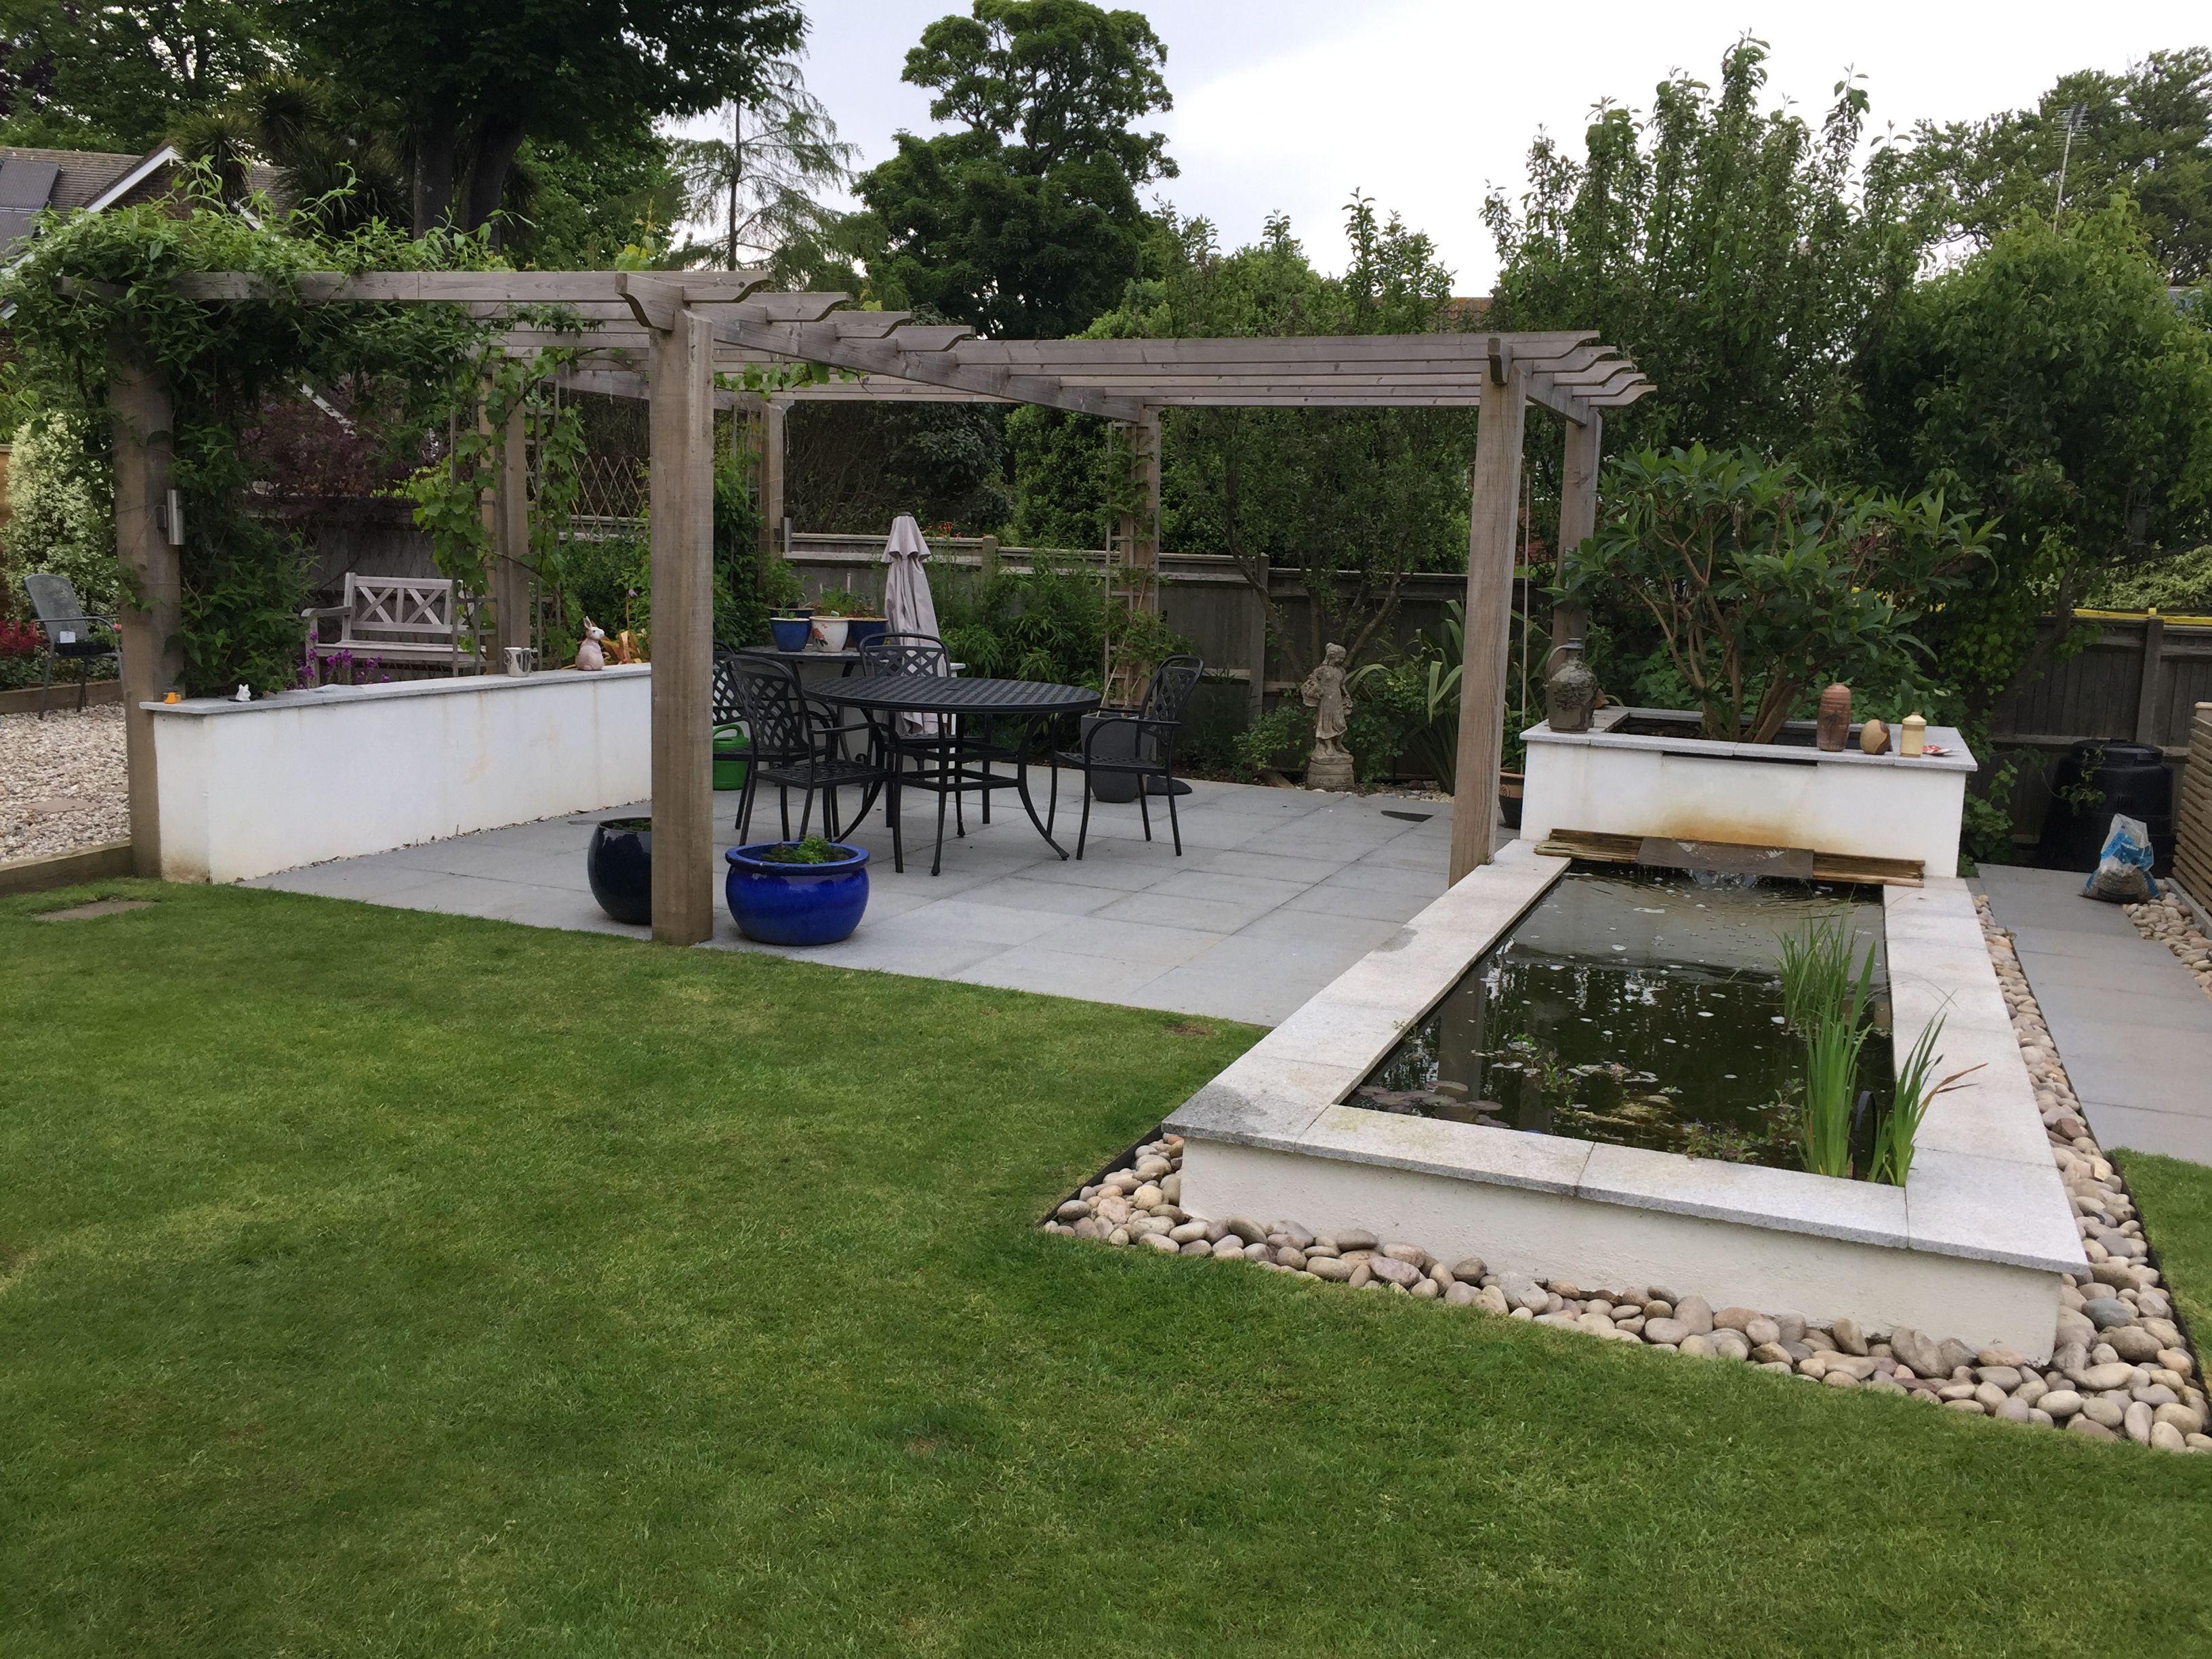 Pin By Liz Lellow On Idesia Garden Design Walmer Kent Garden Design Outdoor Decor Patio